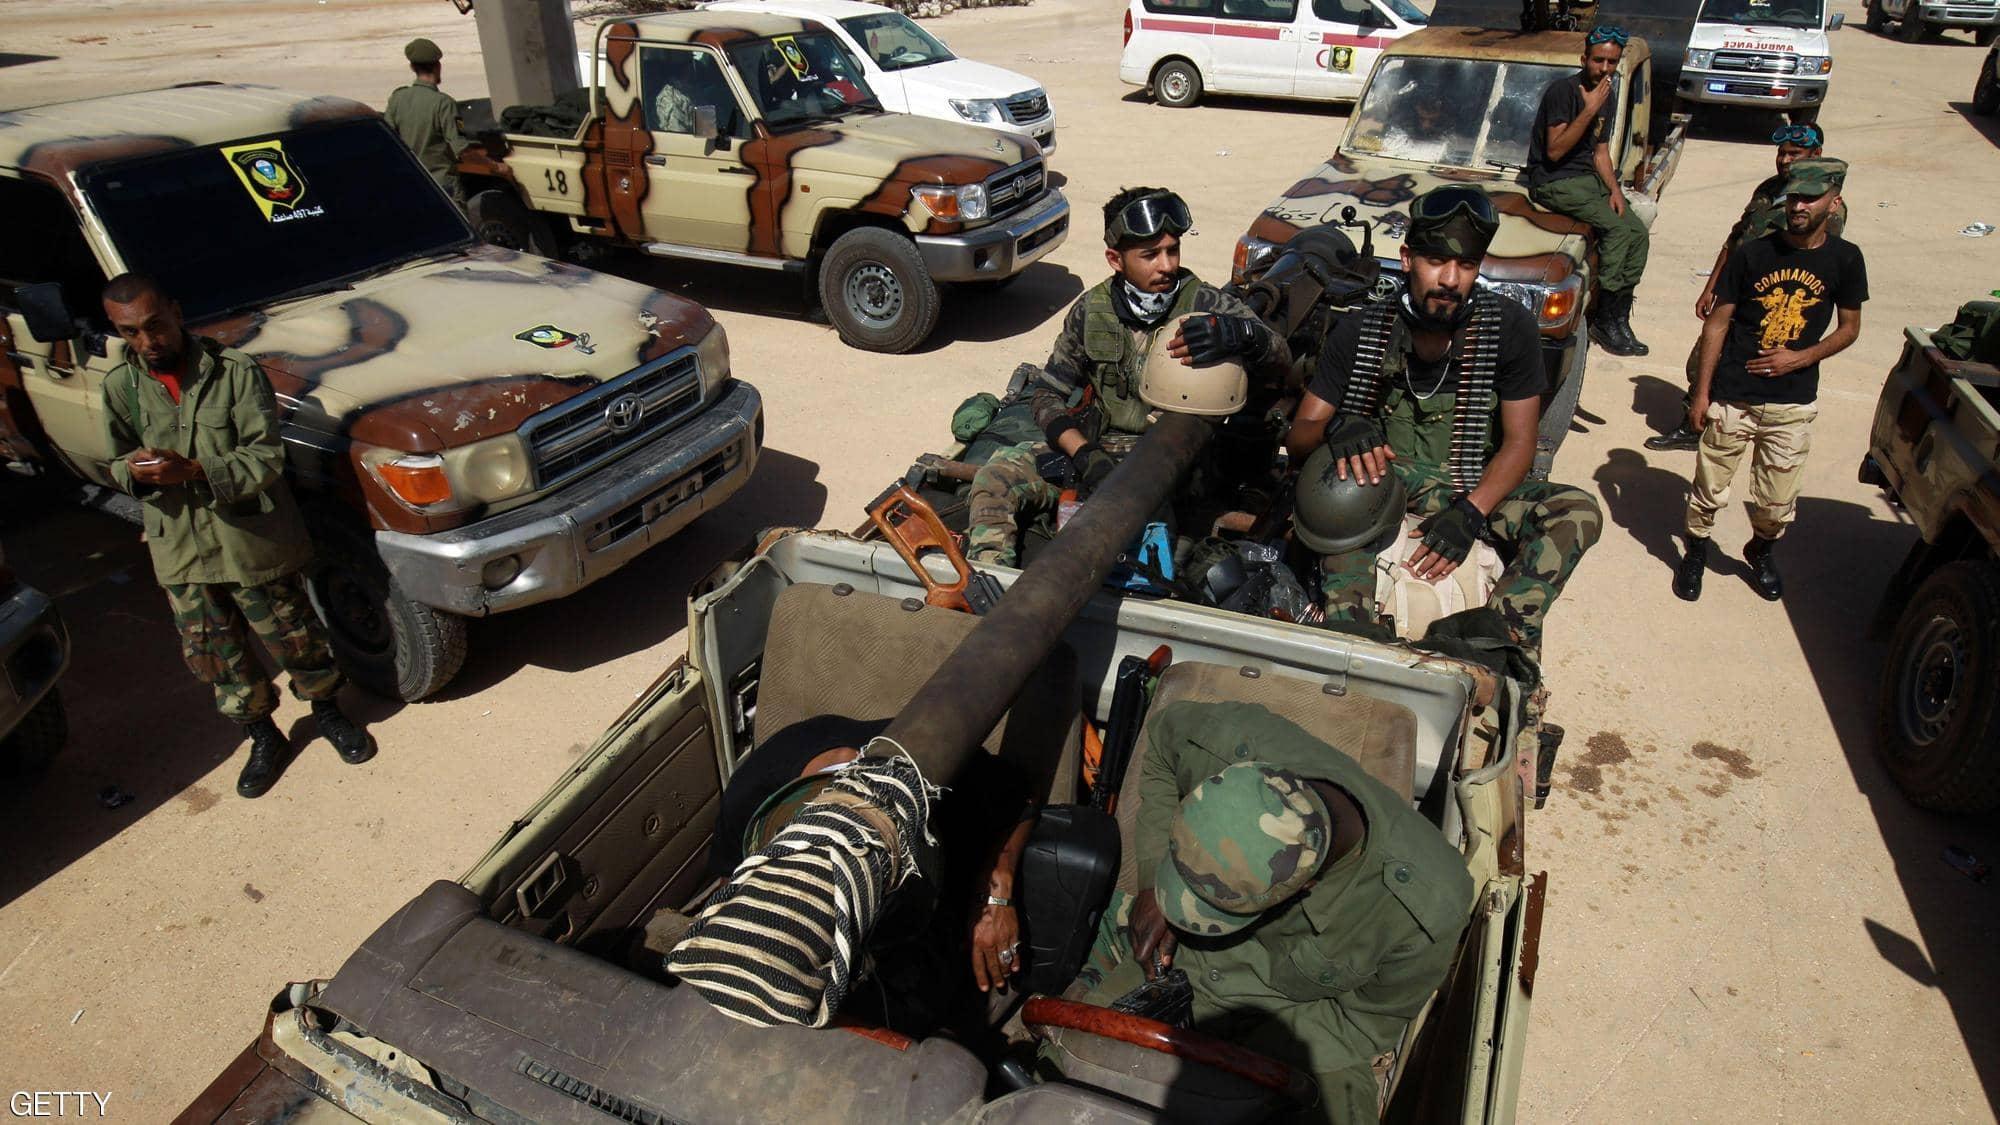 سوپای نیشتمانی لیبیا: توركیا و هێزهكانی سهراج خۆیان بۆ پهلاماردانی سرت ئامادهكردووه